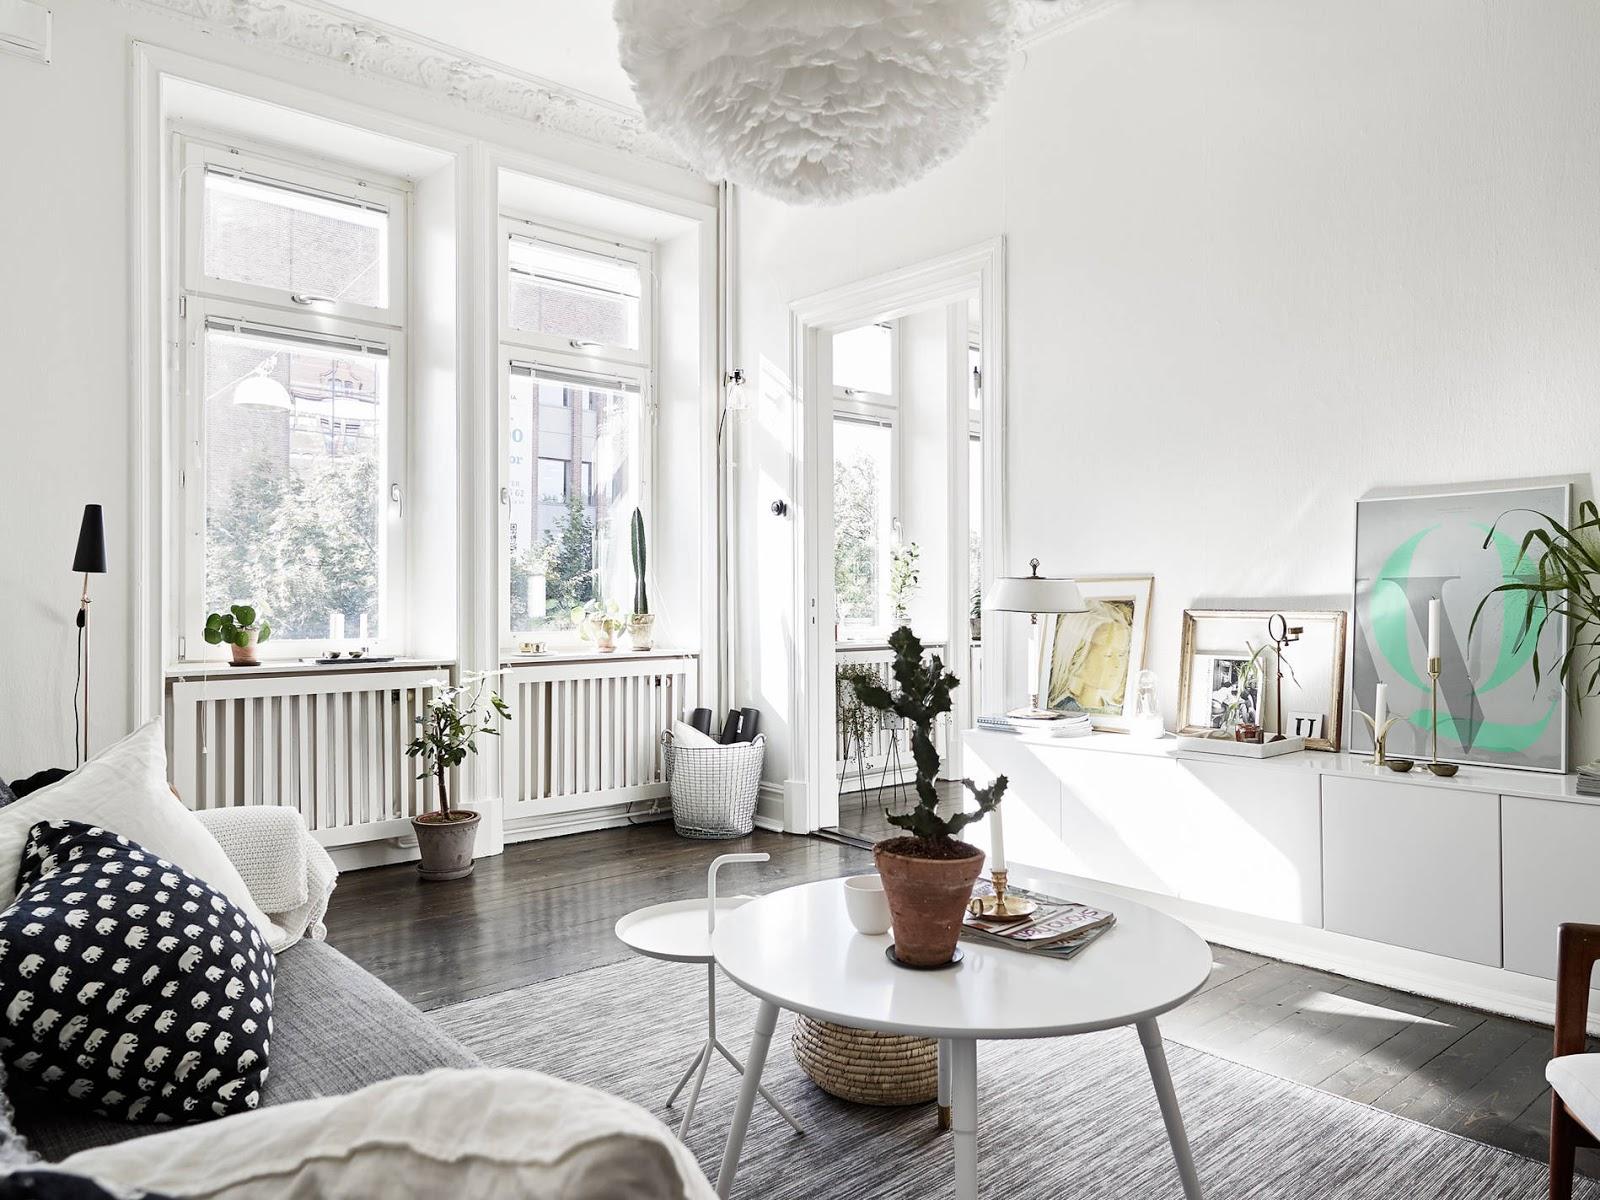 Appartamento romantico con pareti bianche e pavimento scuro a Stoccolma  ARC...